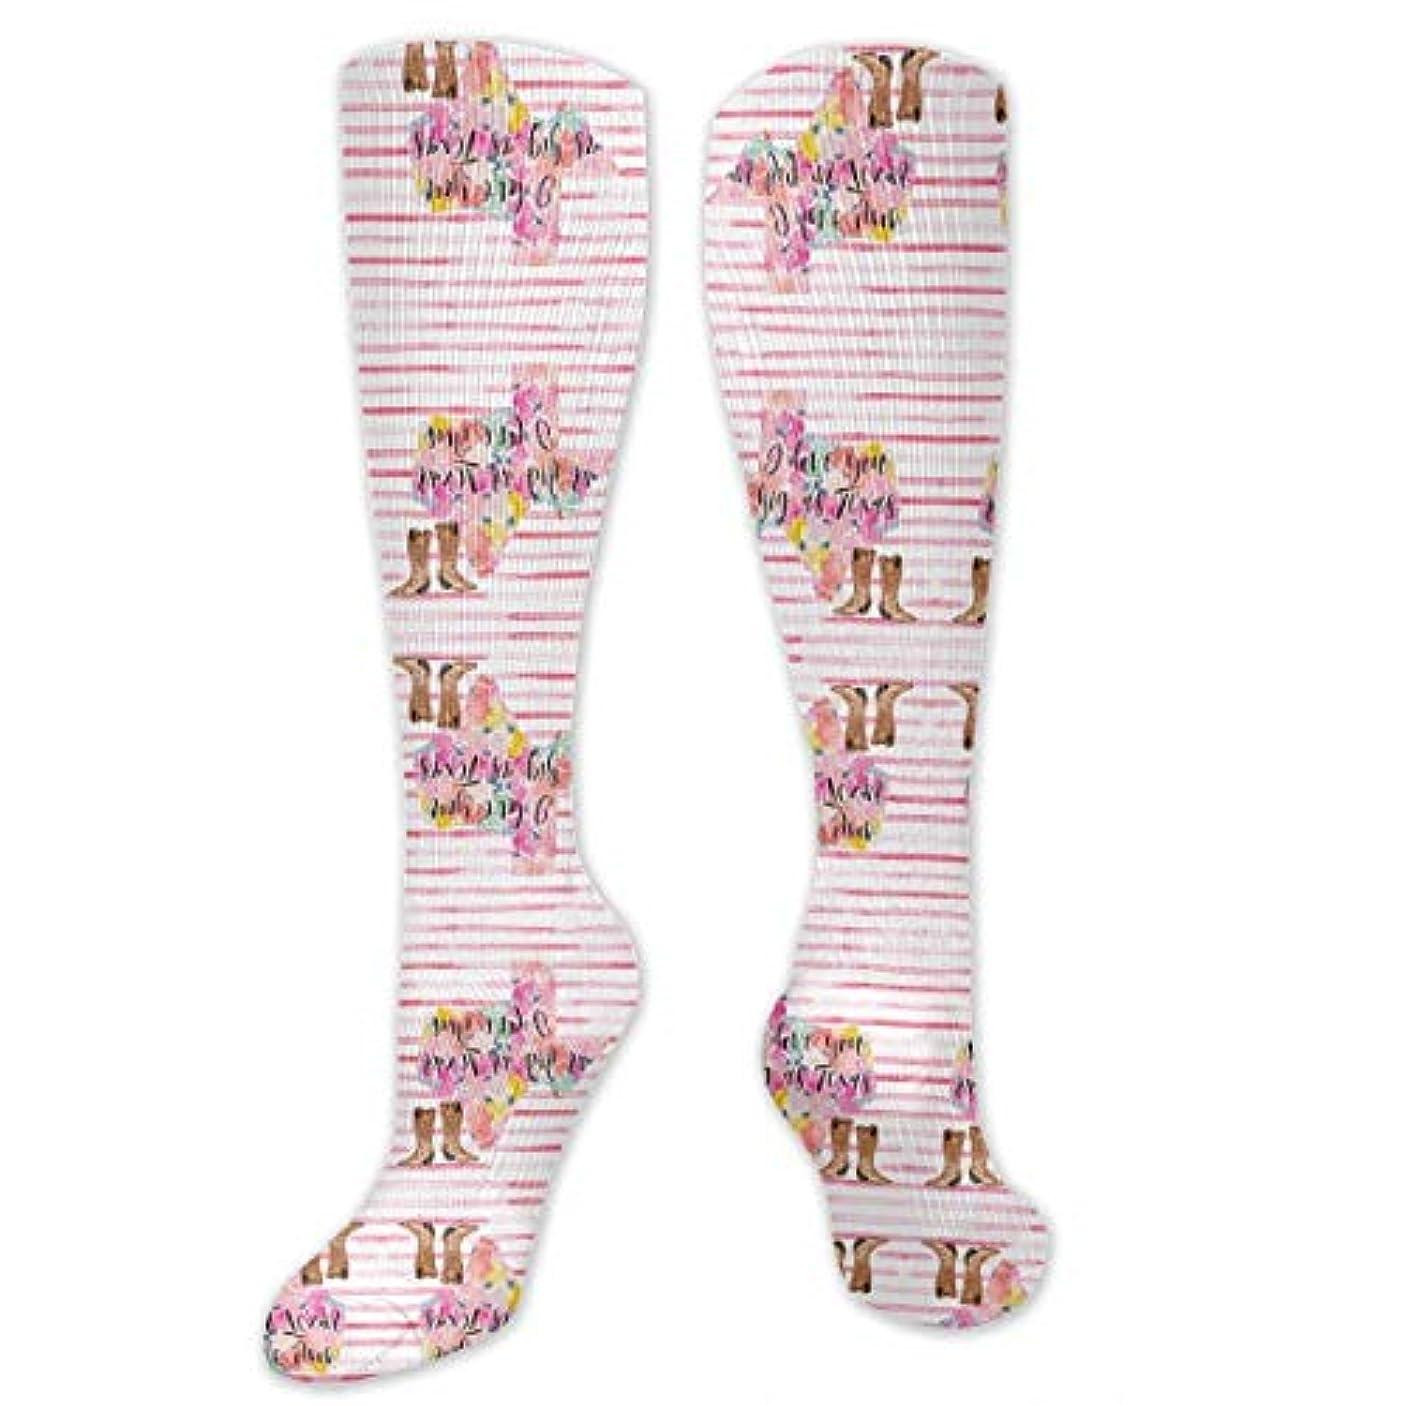 トラックびっくり歪める靴下,ストッキング,野生のジョーカー,実際,秋の本質,冬必須,サマーウェア&RBXAA I Love You As Big As Texas Socks Women's Winter Cotton Long Tube Socks...